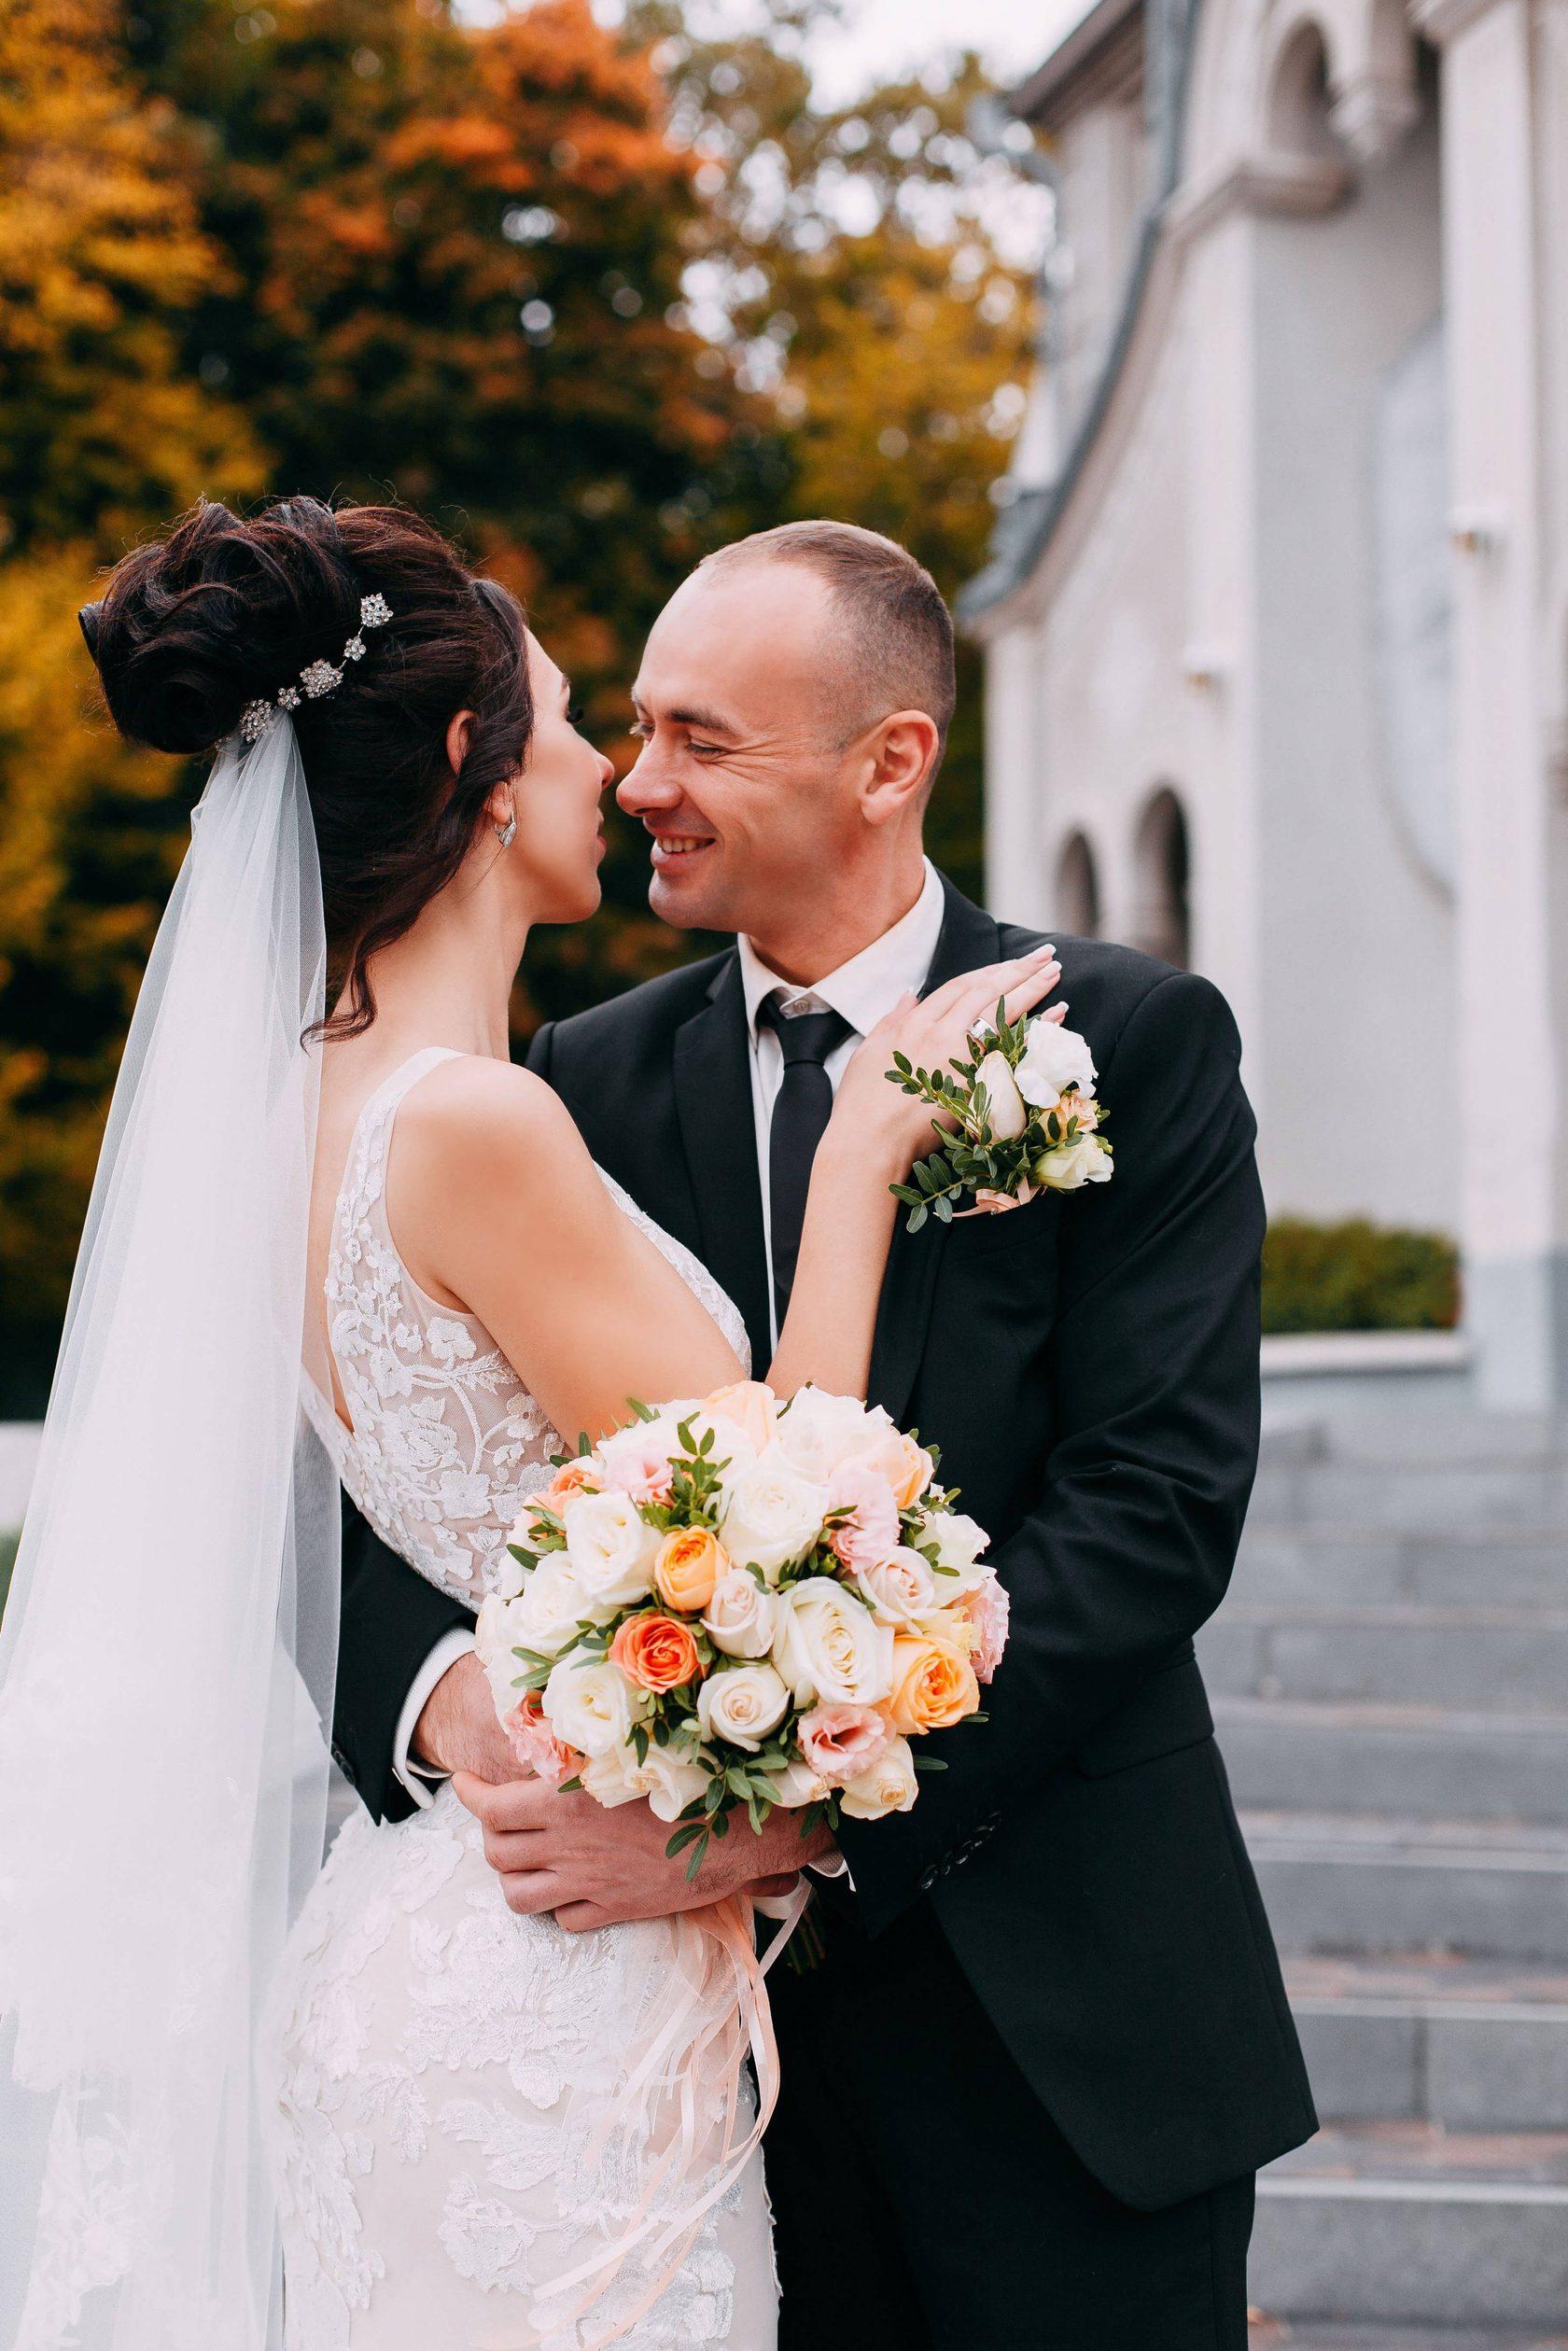 финальном, третьем студия для свадебной фотосессии воронеж это неправильное поведение